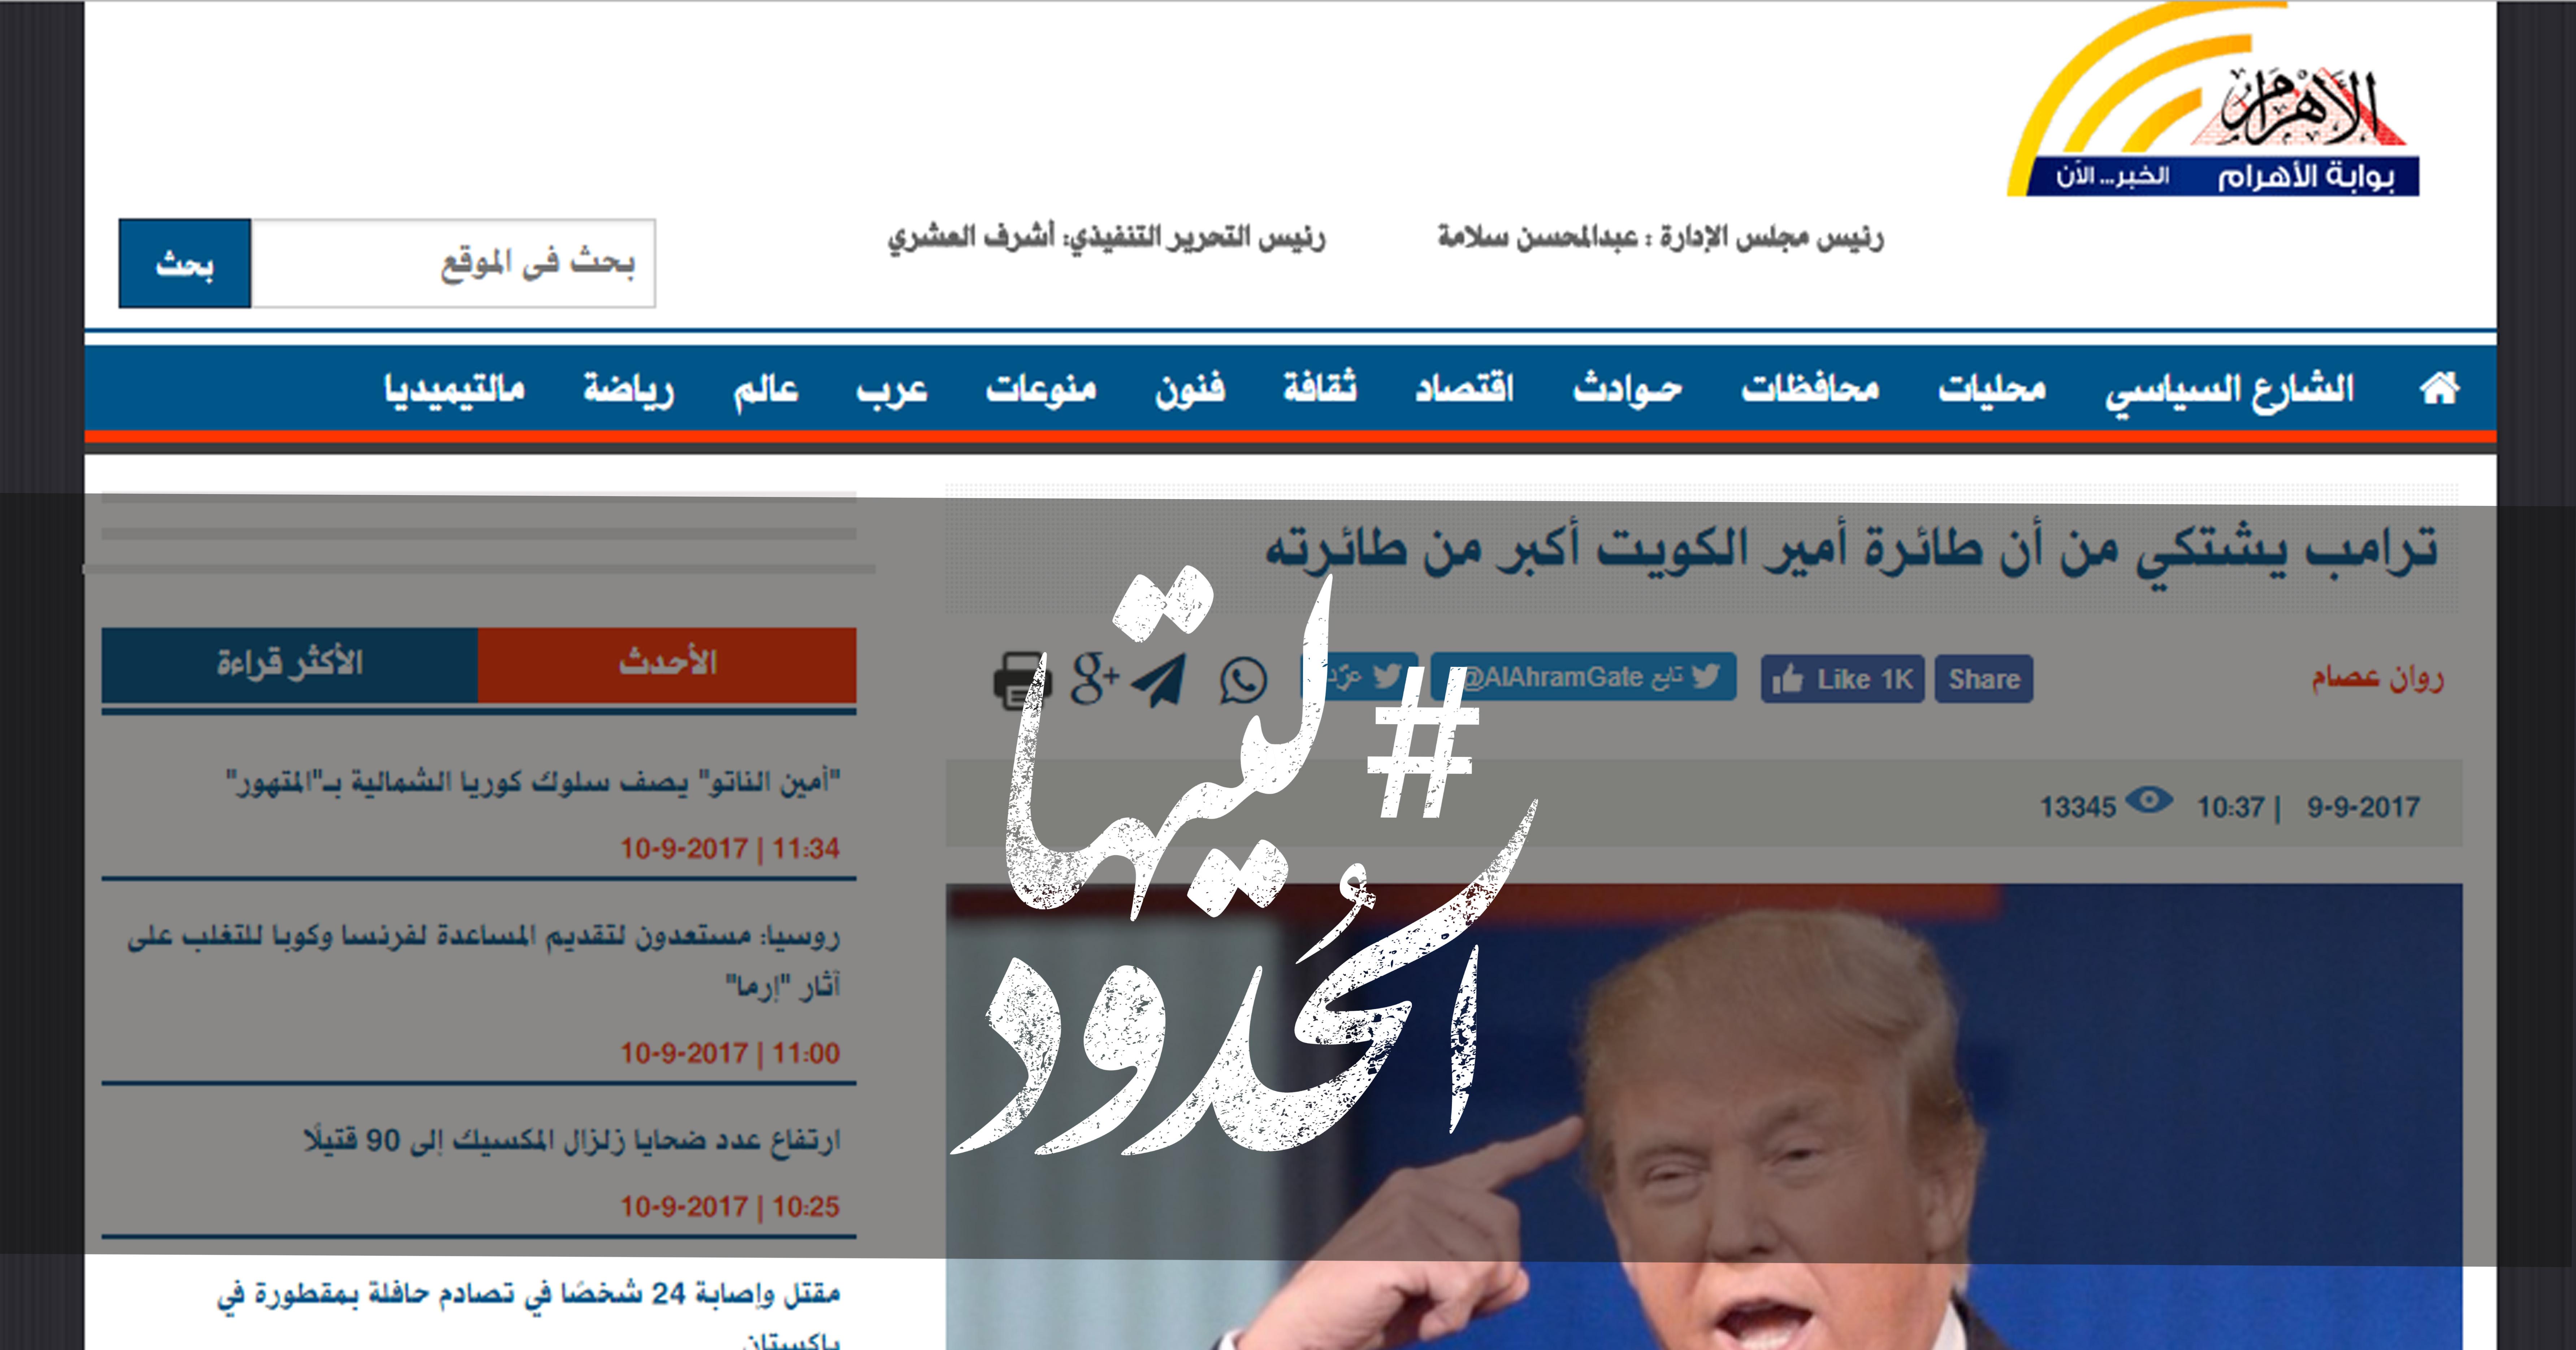 صورة ترامب يشتكي من أن طائرة أمير الكويت أكبر من طائرته